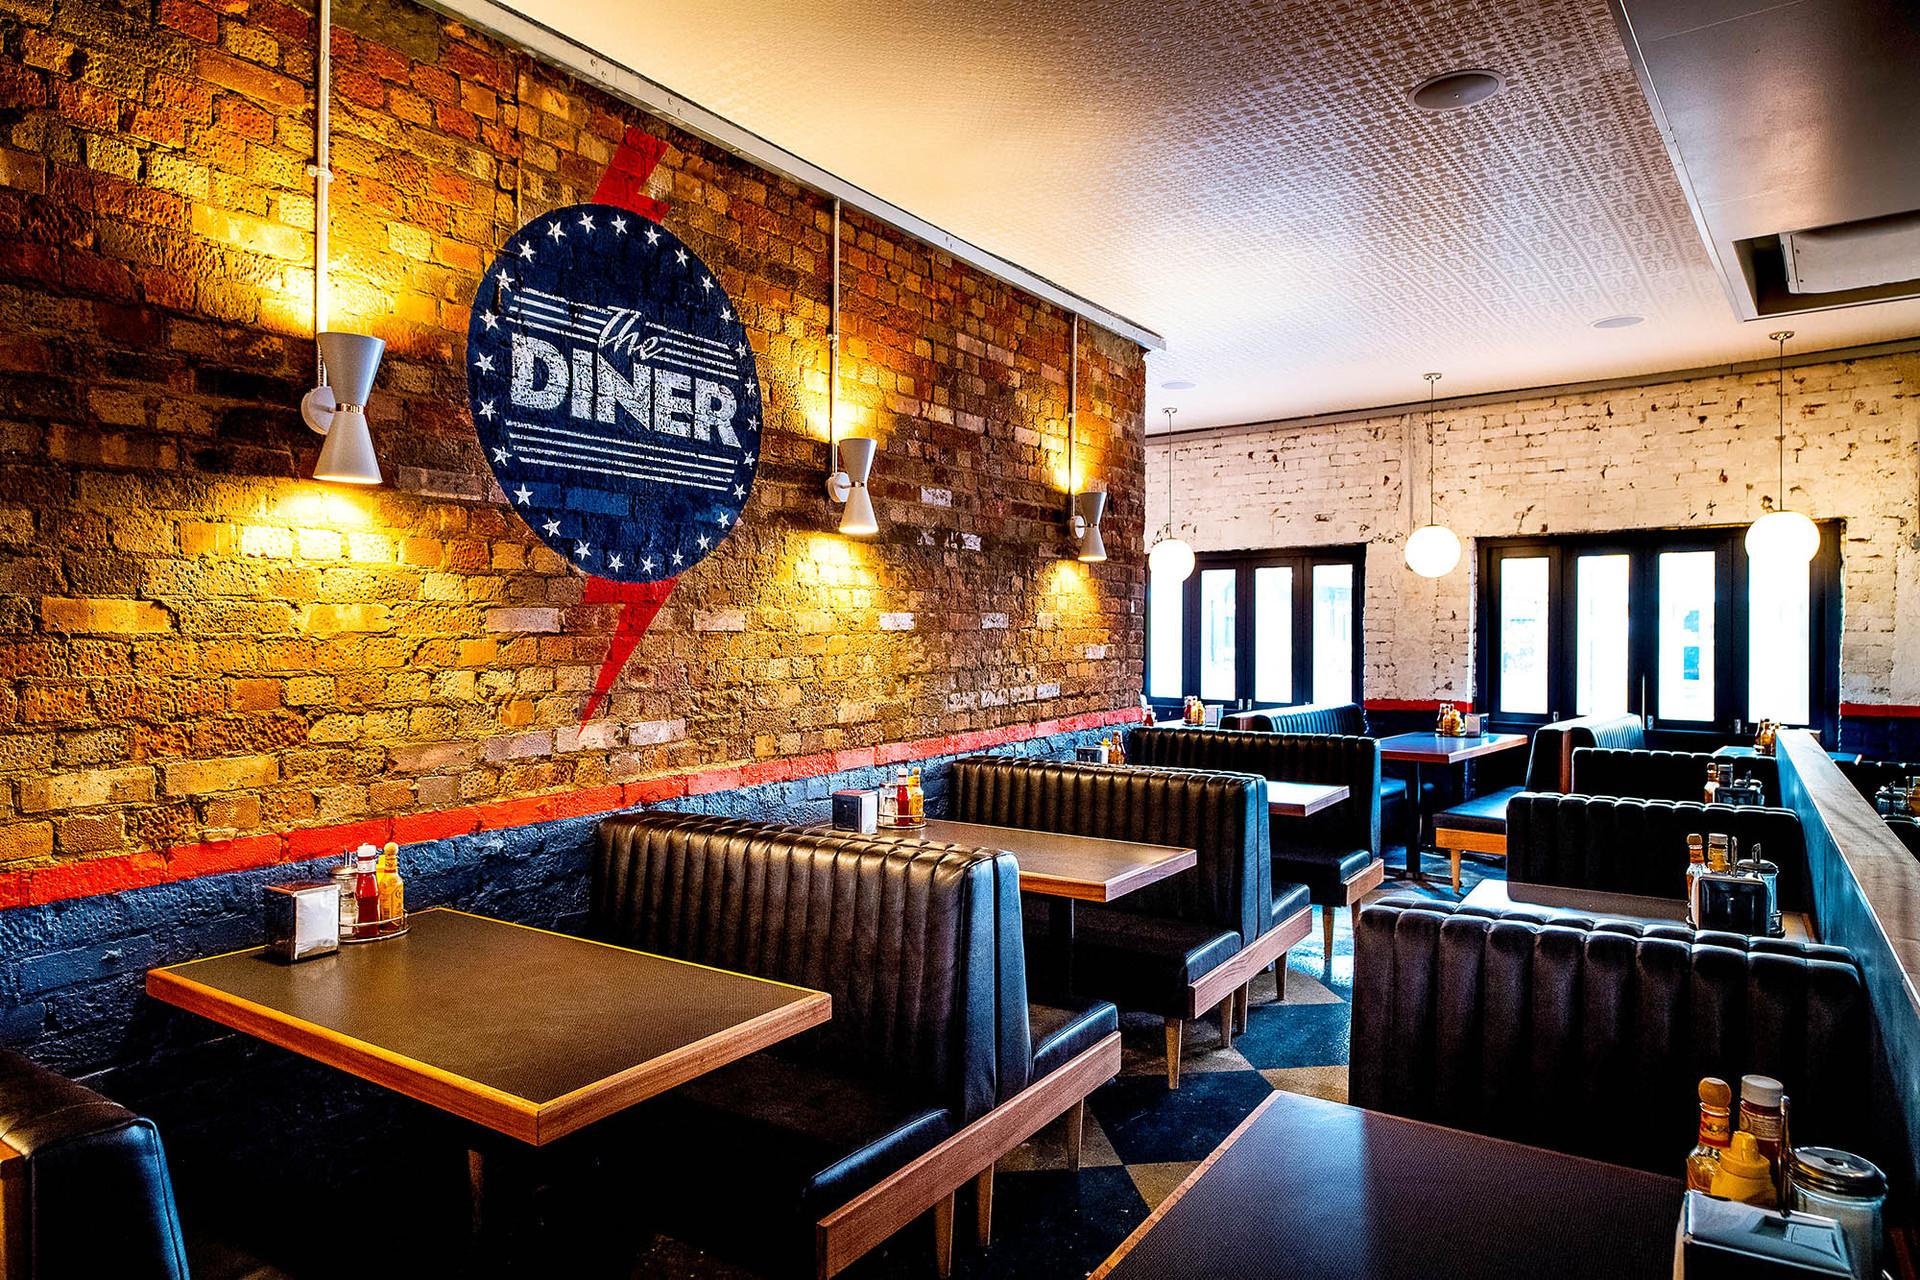 The Diner – Spitalfields